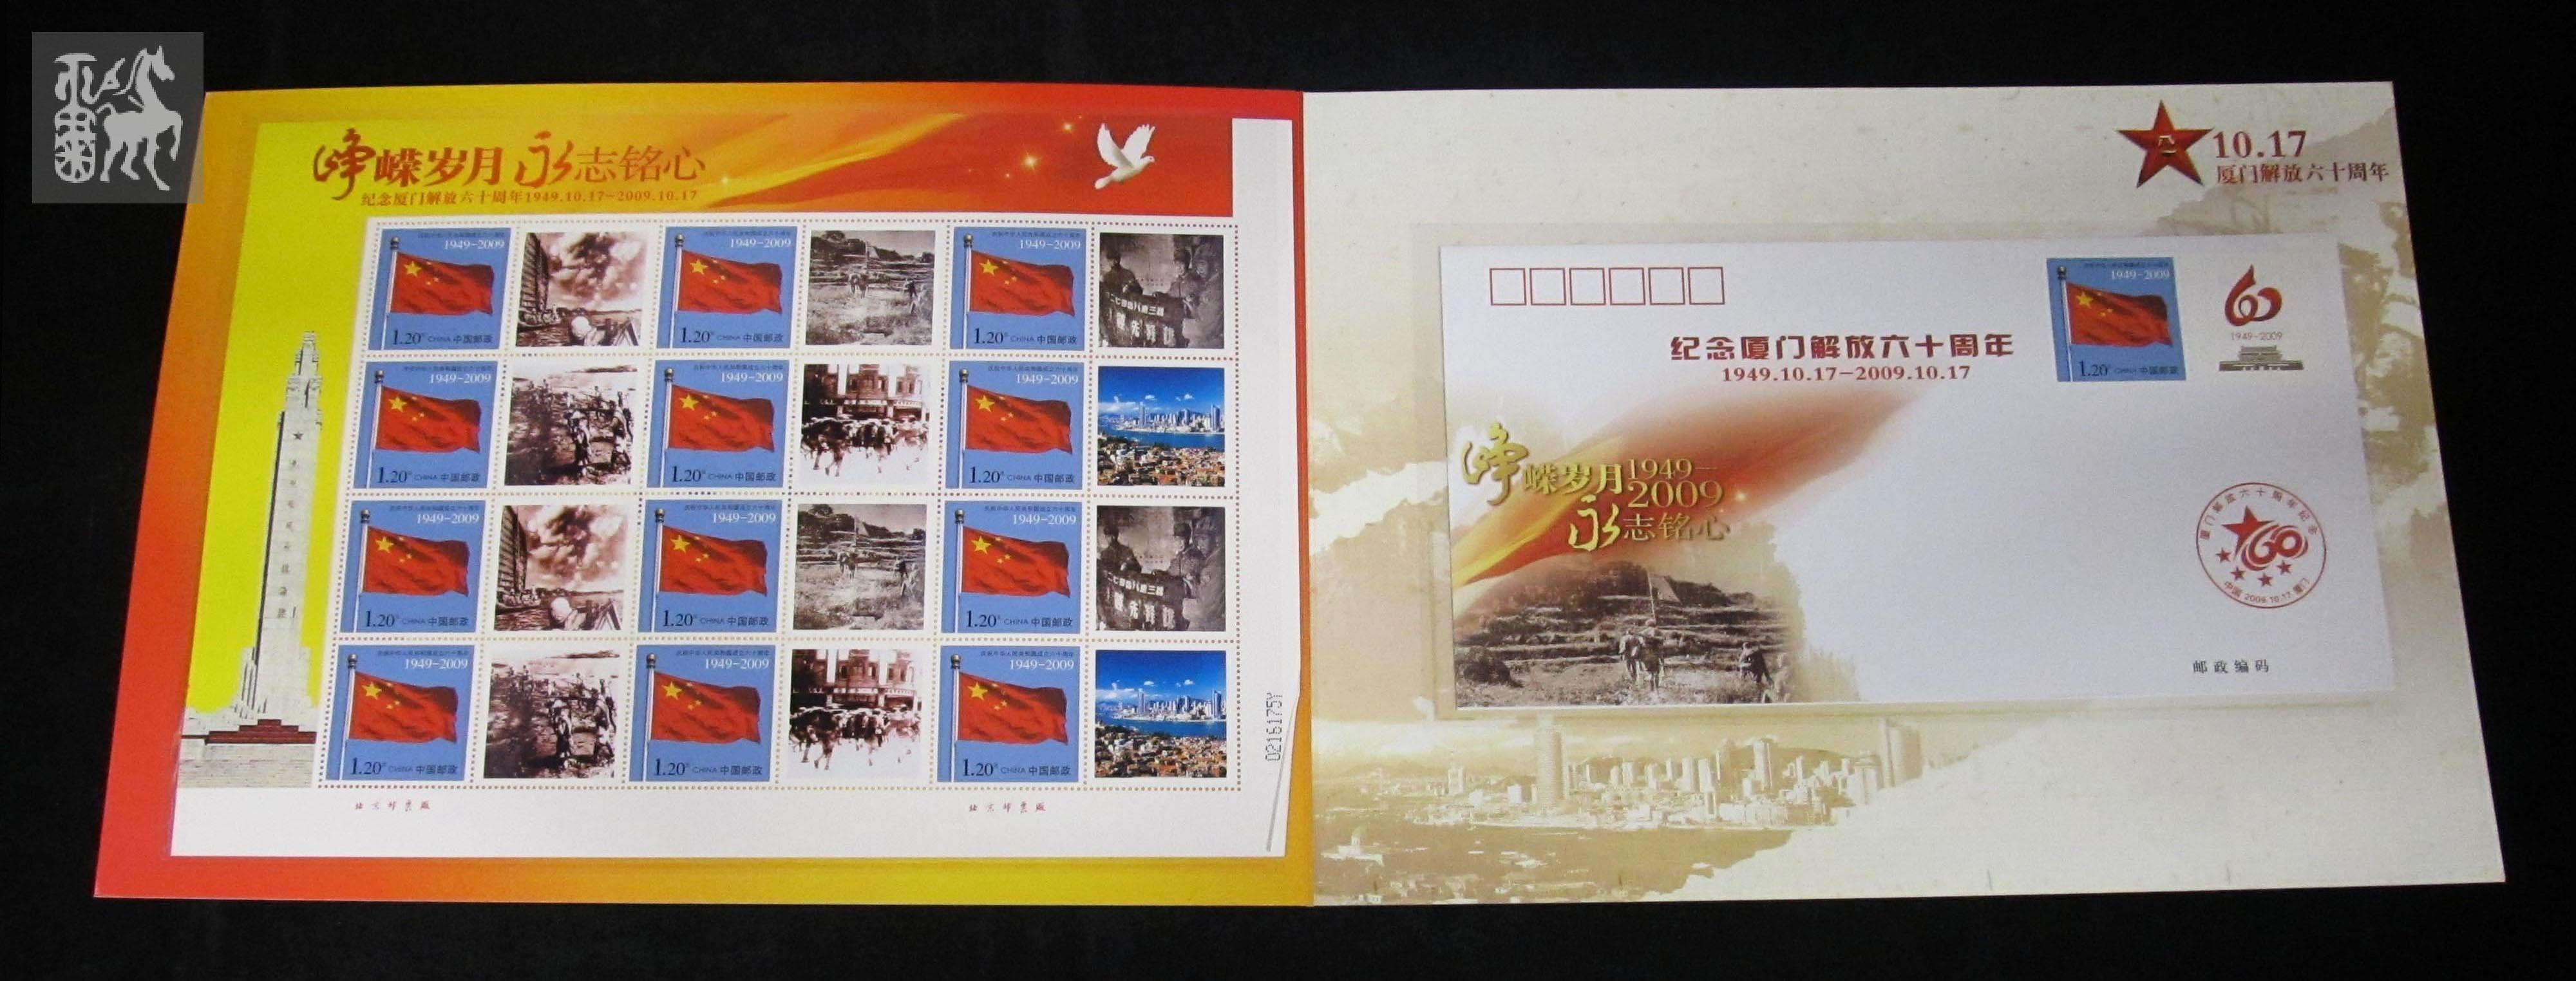 厦门邮票图片大全手绘